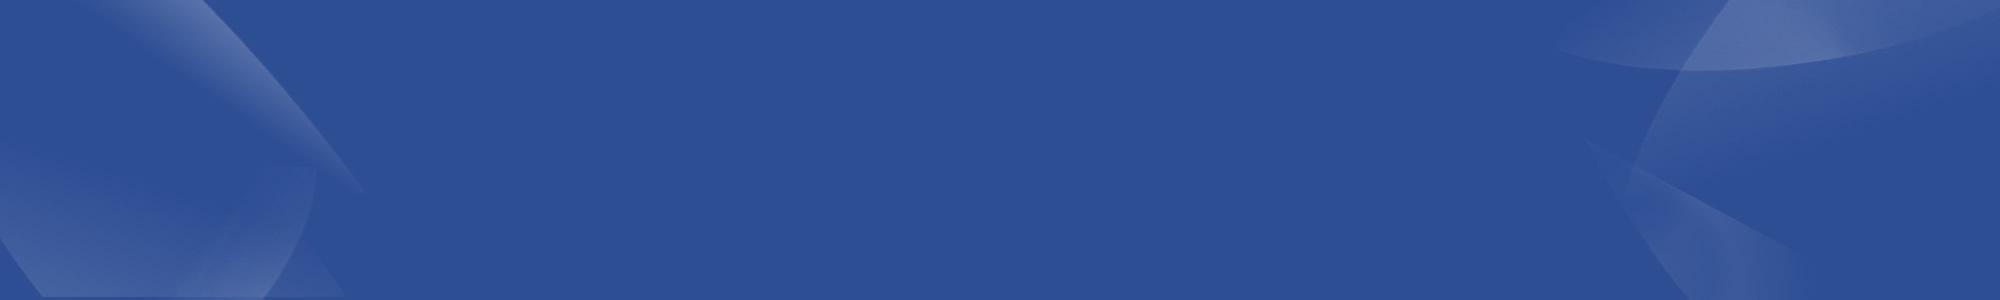 slider_bg_blue3